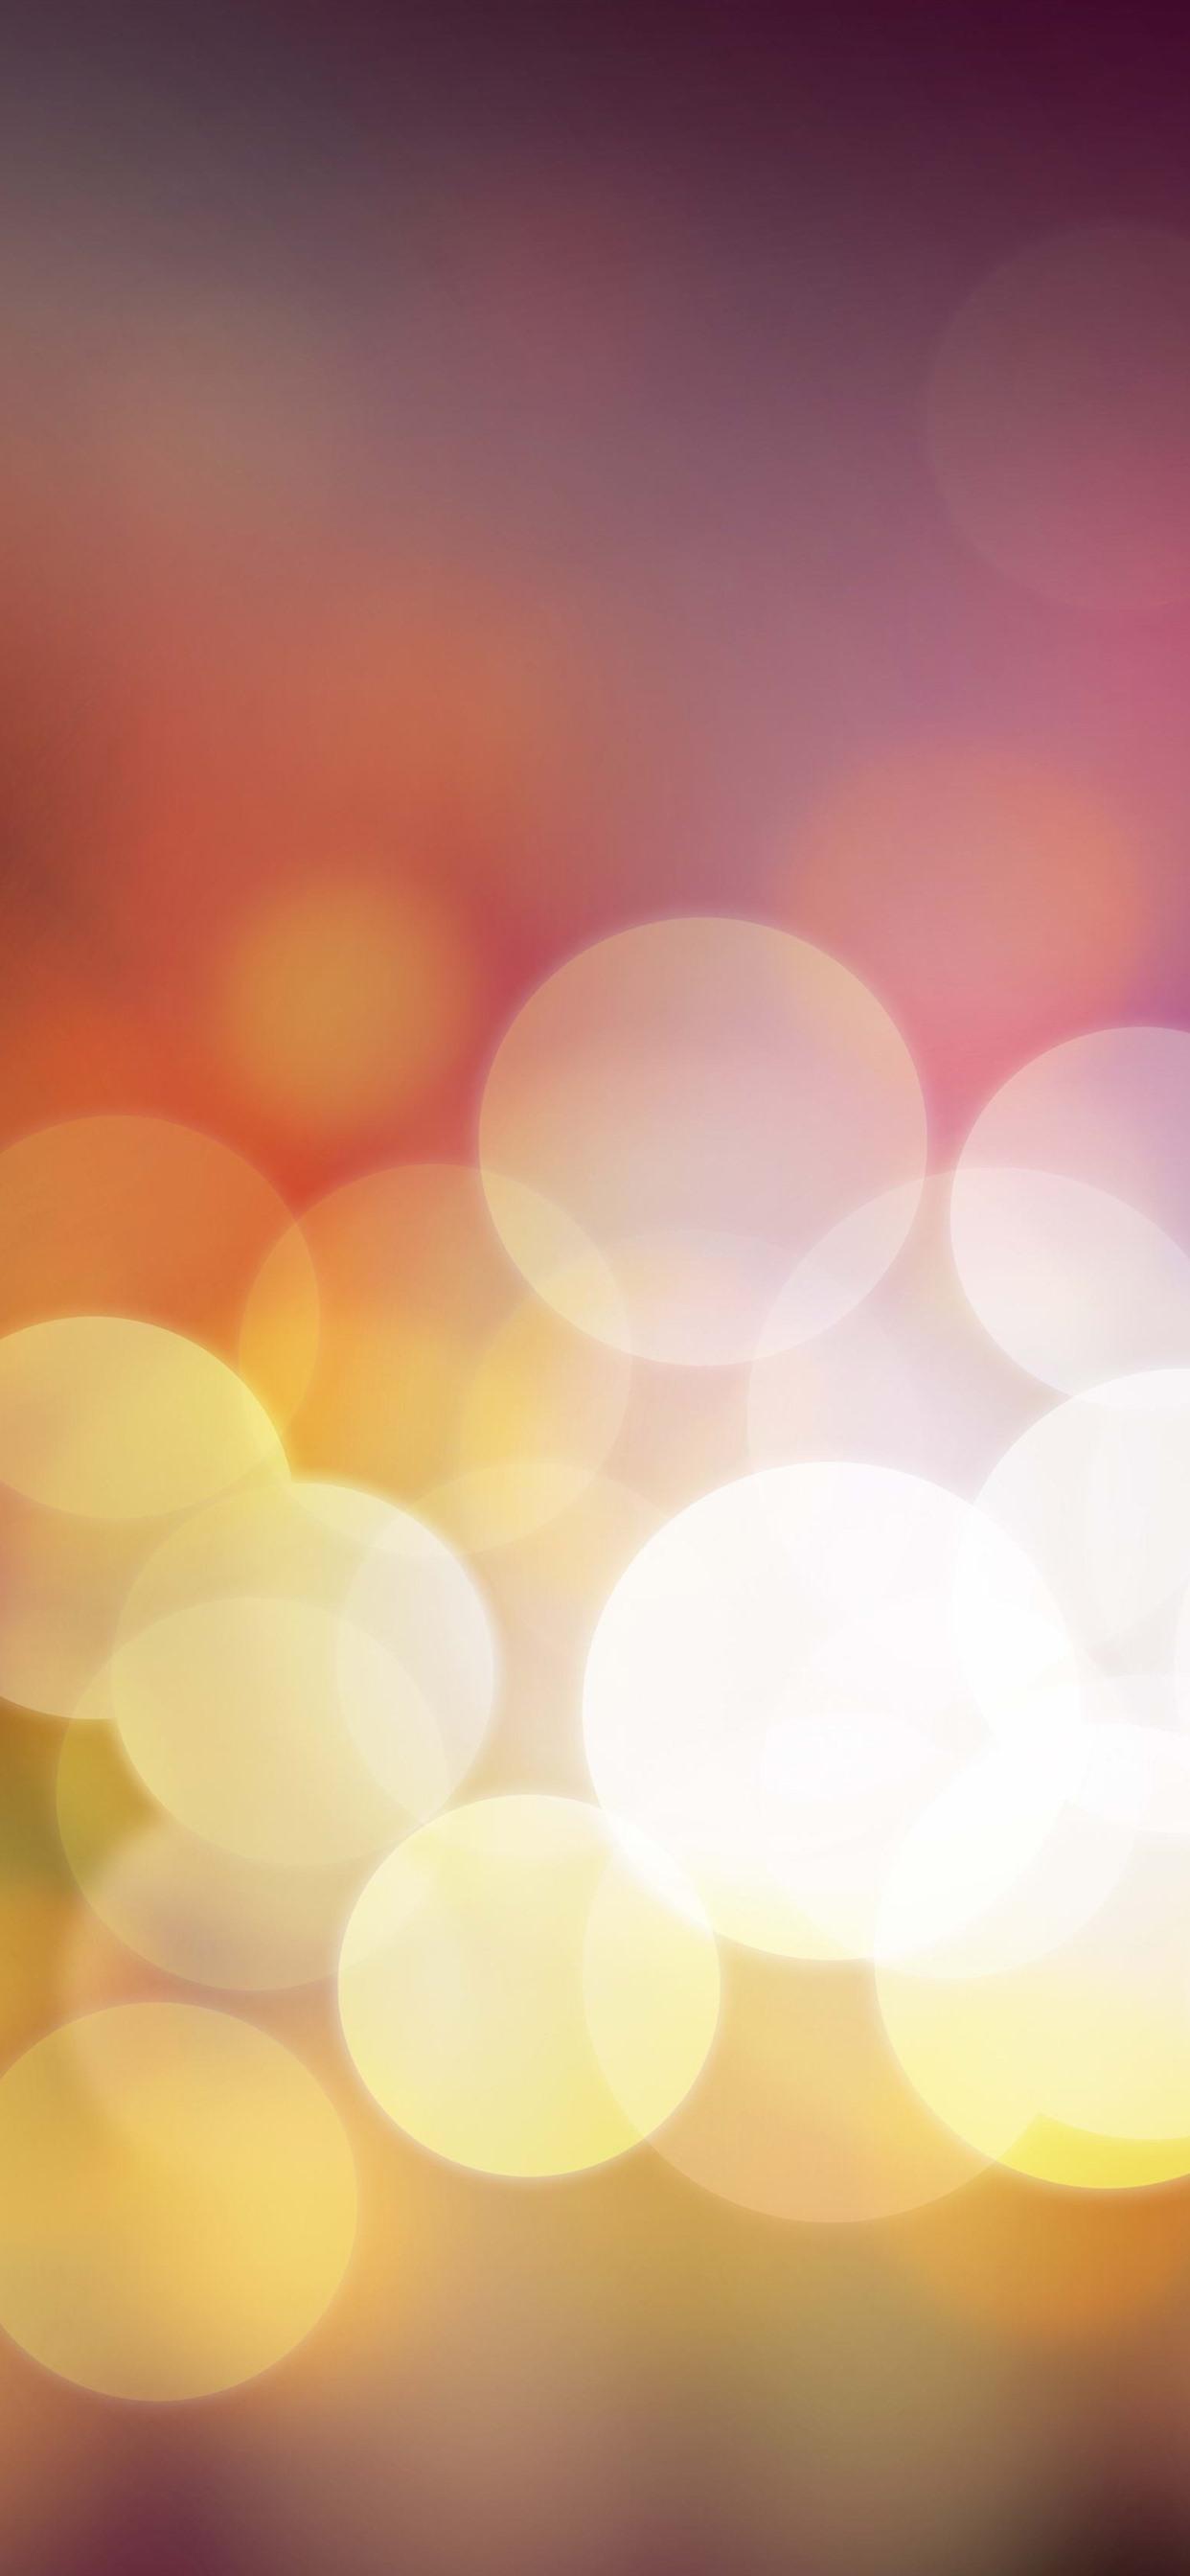 暖かい光の輪 明るい 1242x2688 Iphone 11 Pro Xs Max 壁紙 背景 画像